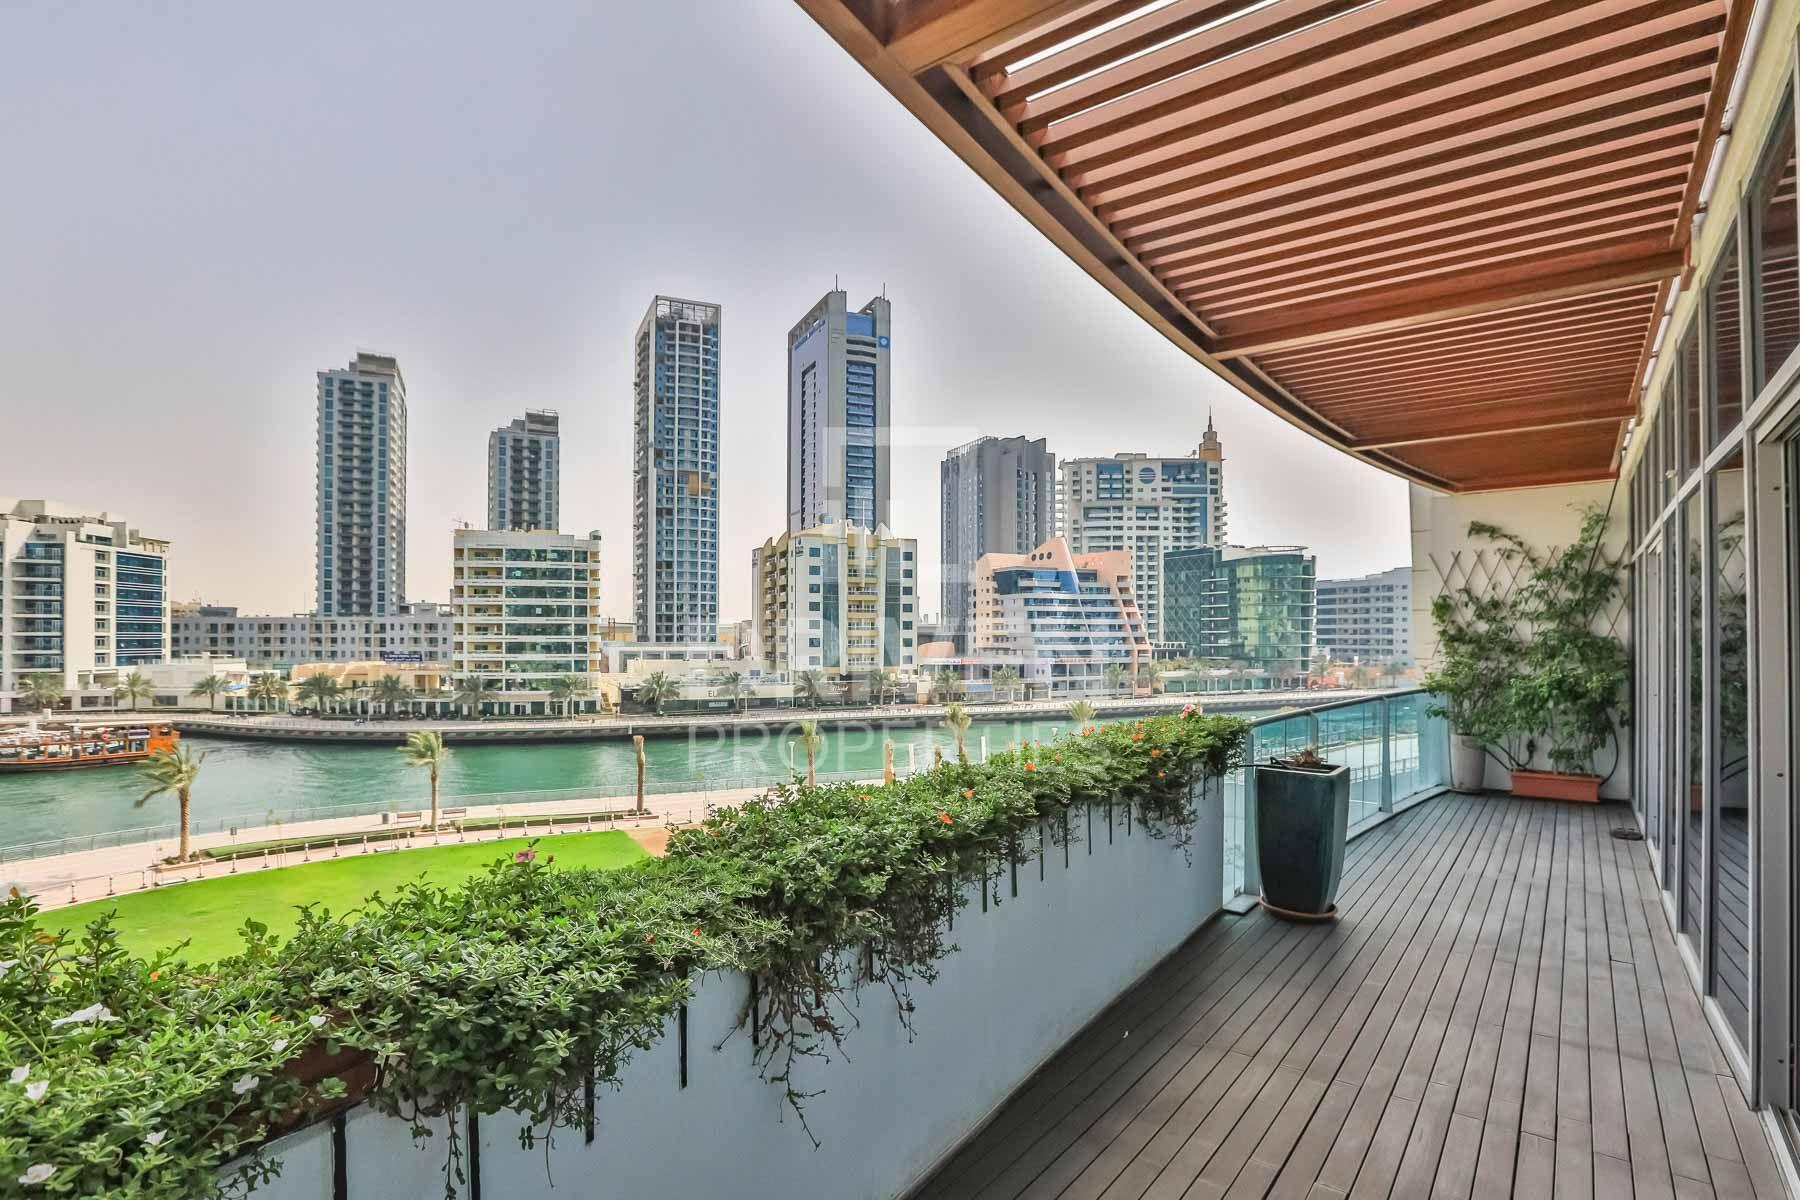 للبيع - فيلا -  - Dubai Marina